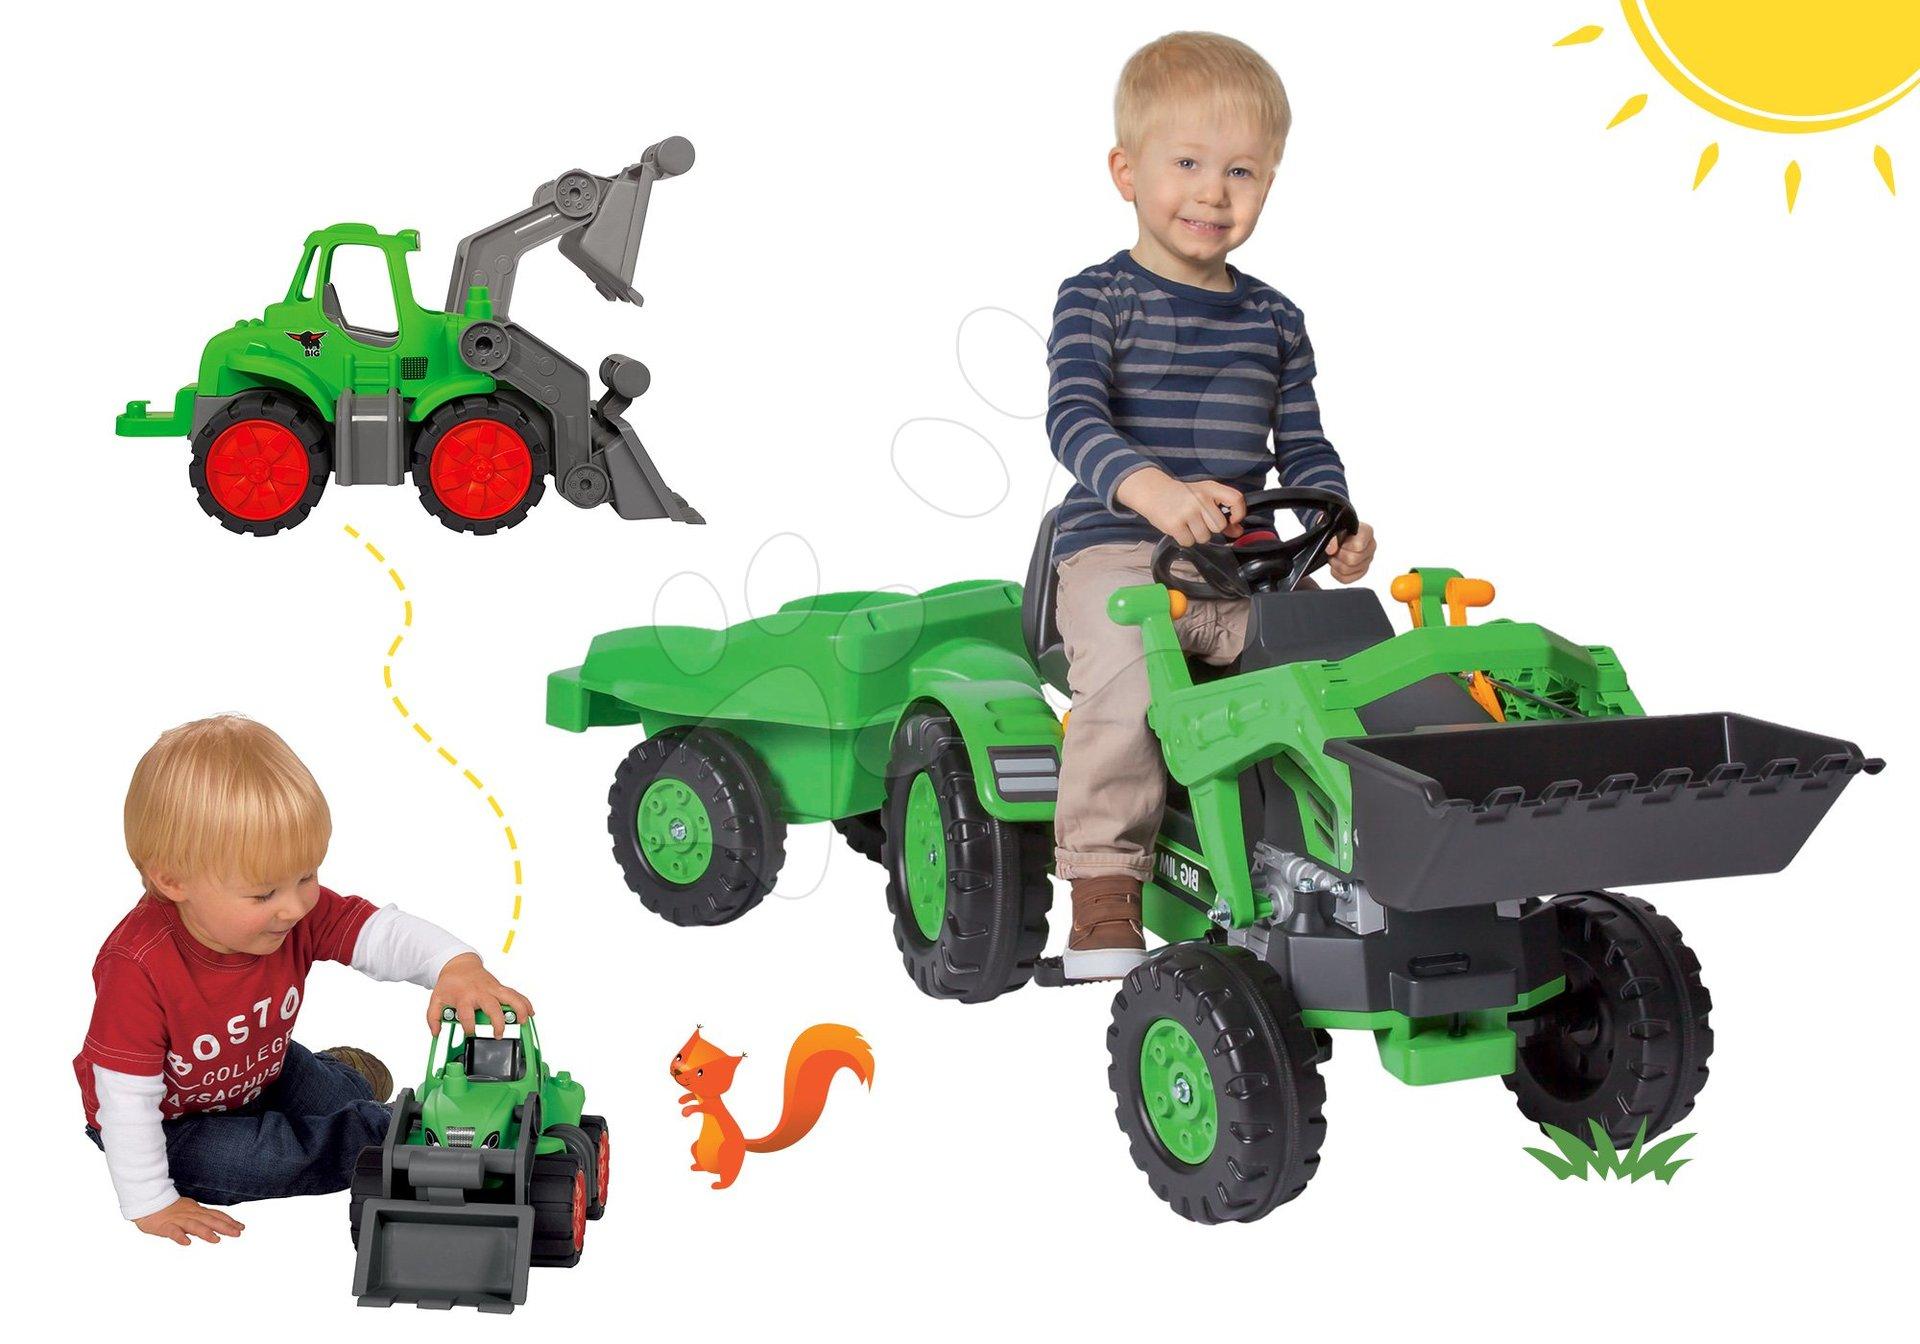 Komplet traktor na pedala Jim Loader BIG z nakladalnikom in prikolico in traktor Power BIG z nakladalnikom in prikolico za darilo